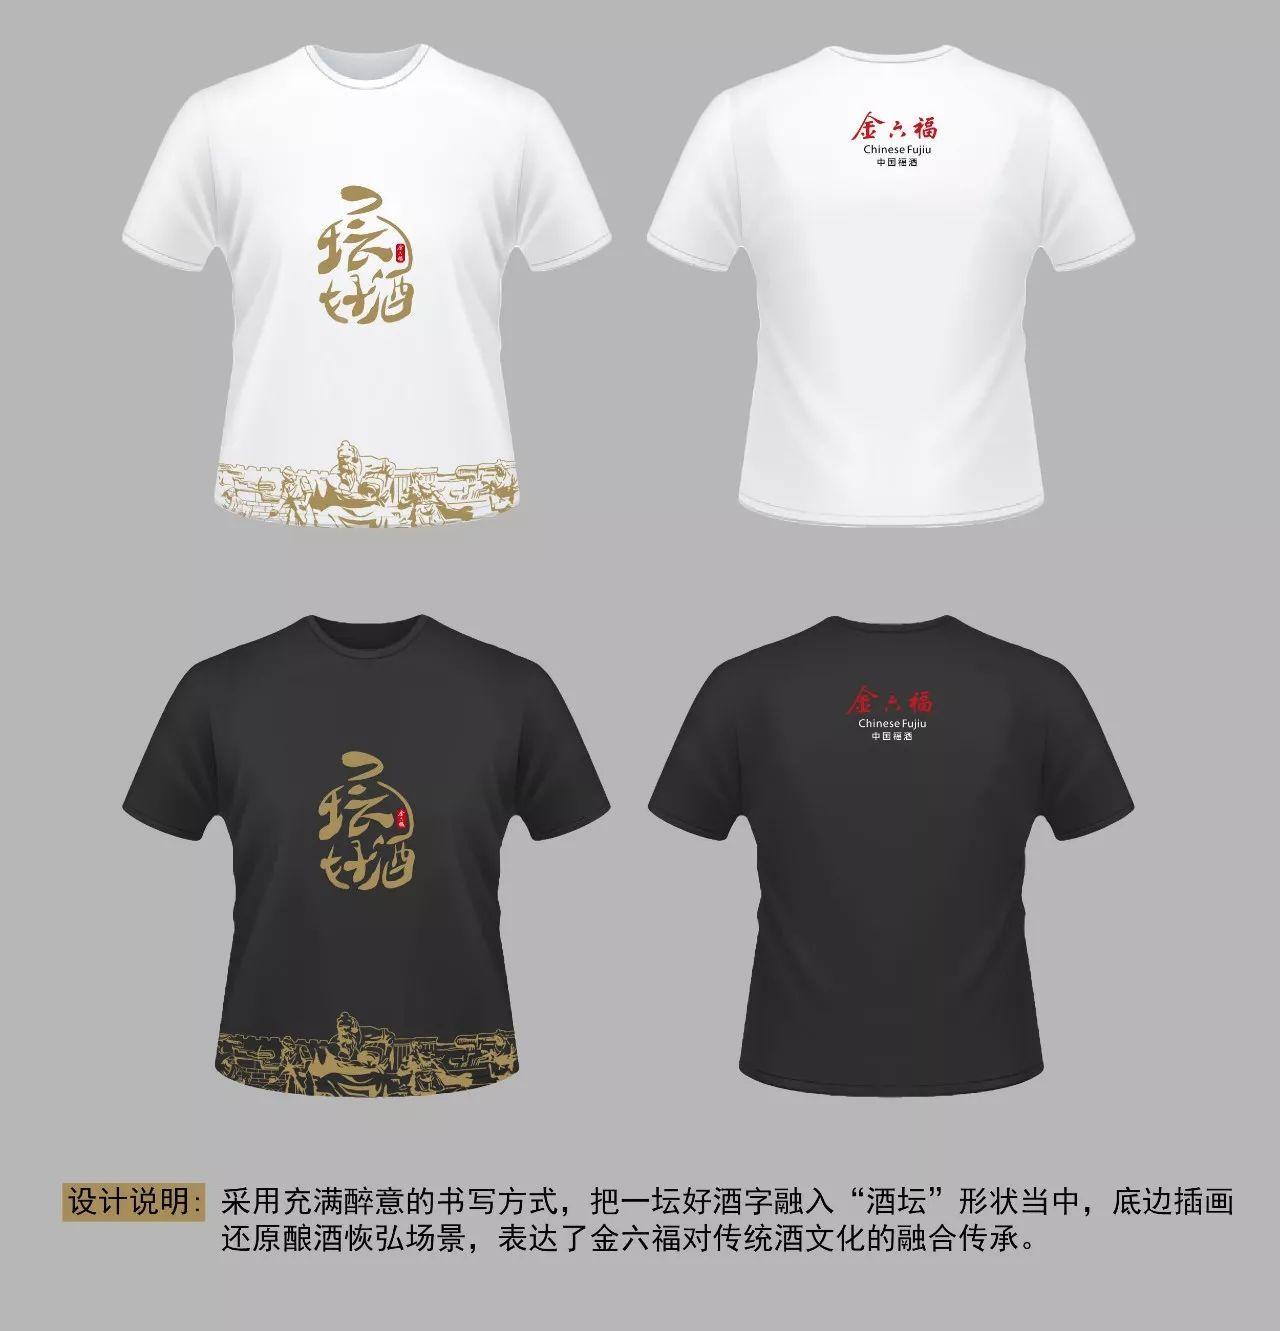 获奖公示   《金六福·一坛好酒》文化衫创意征集活动